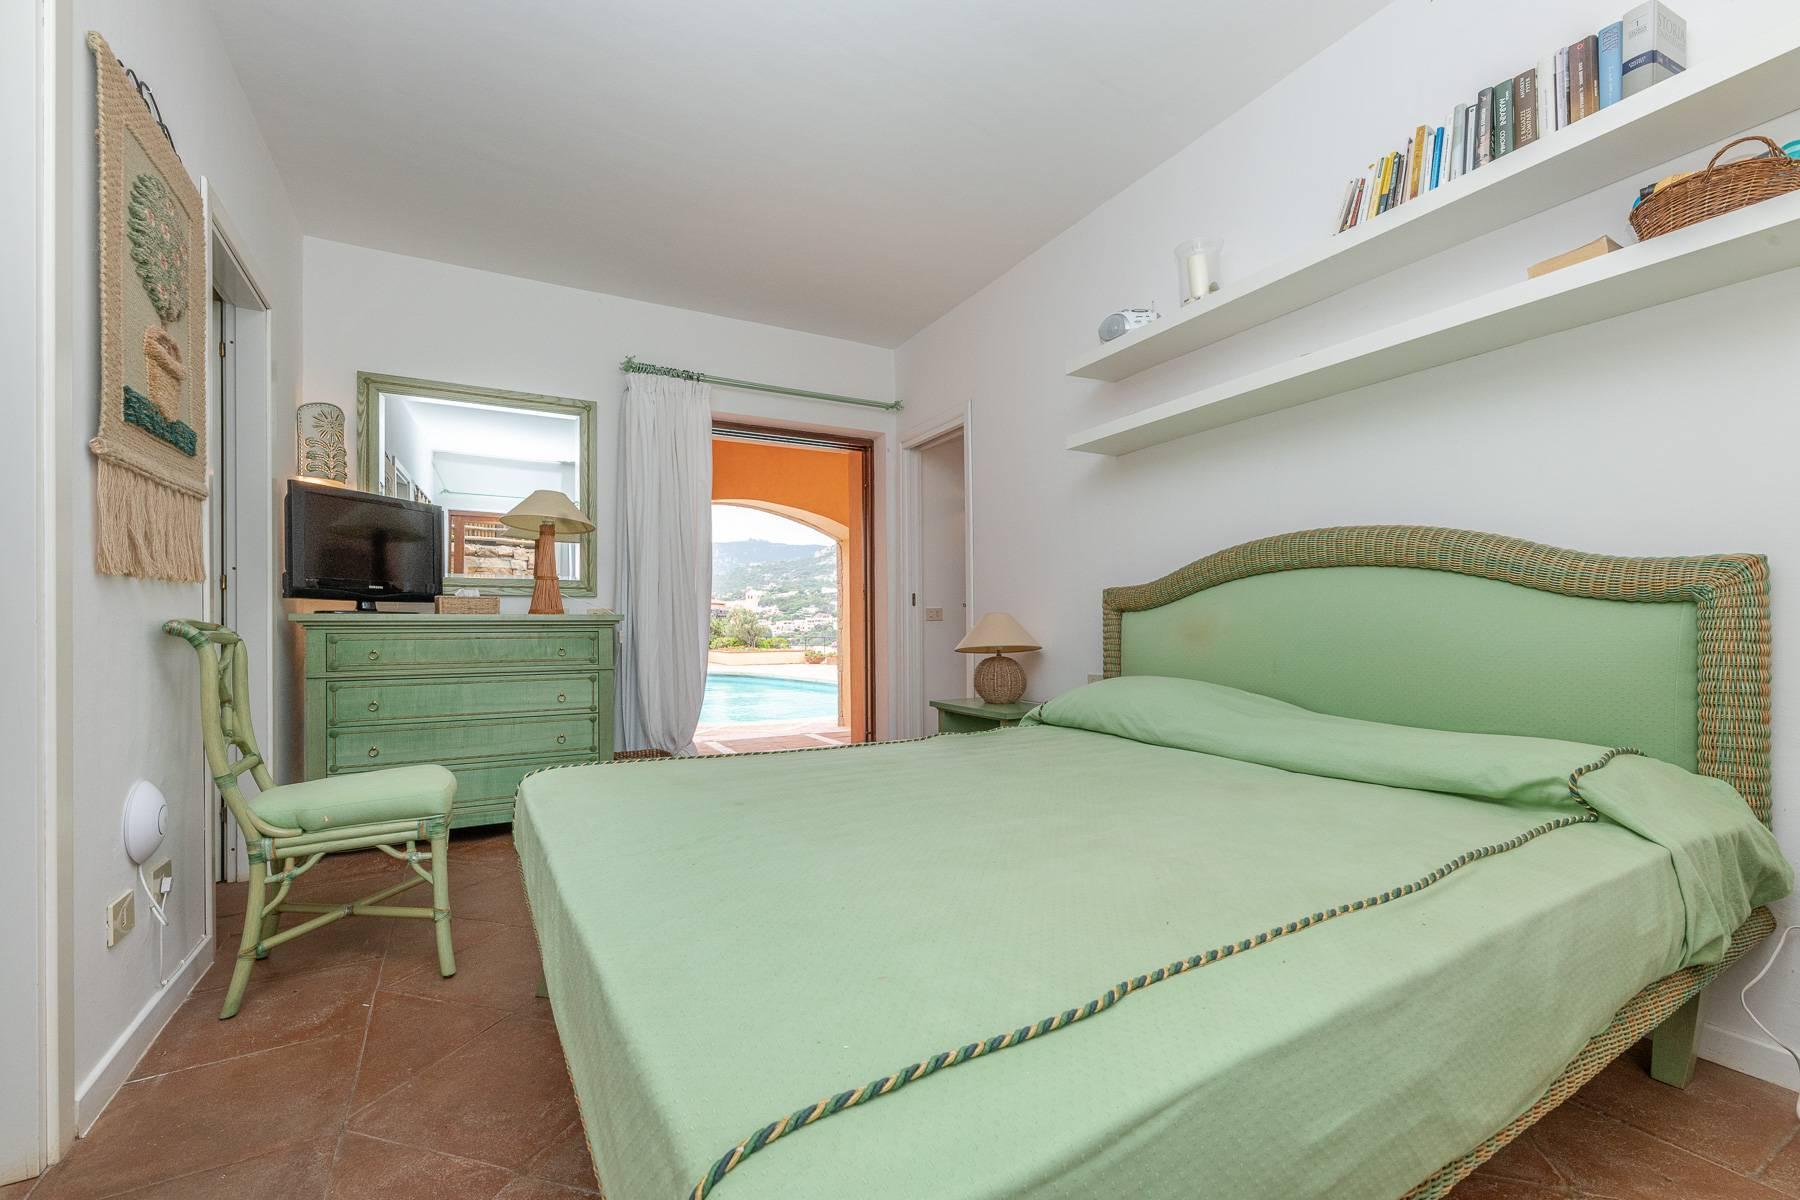 Importante villa indipendente con un impareggiabile panorama, nel cuore di Porto Cervo. - 24